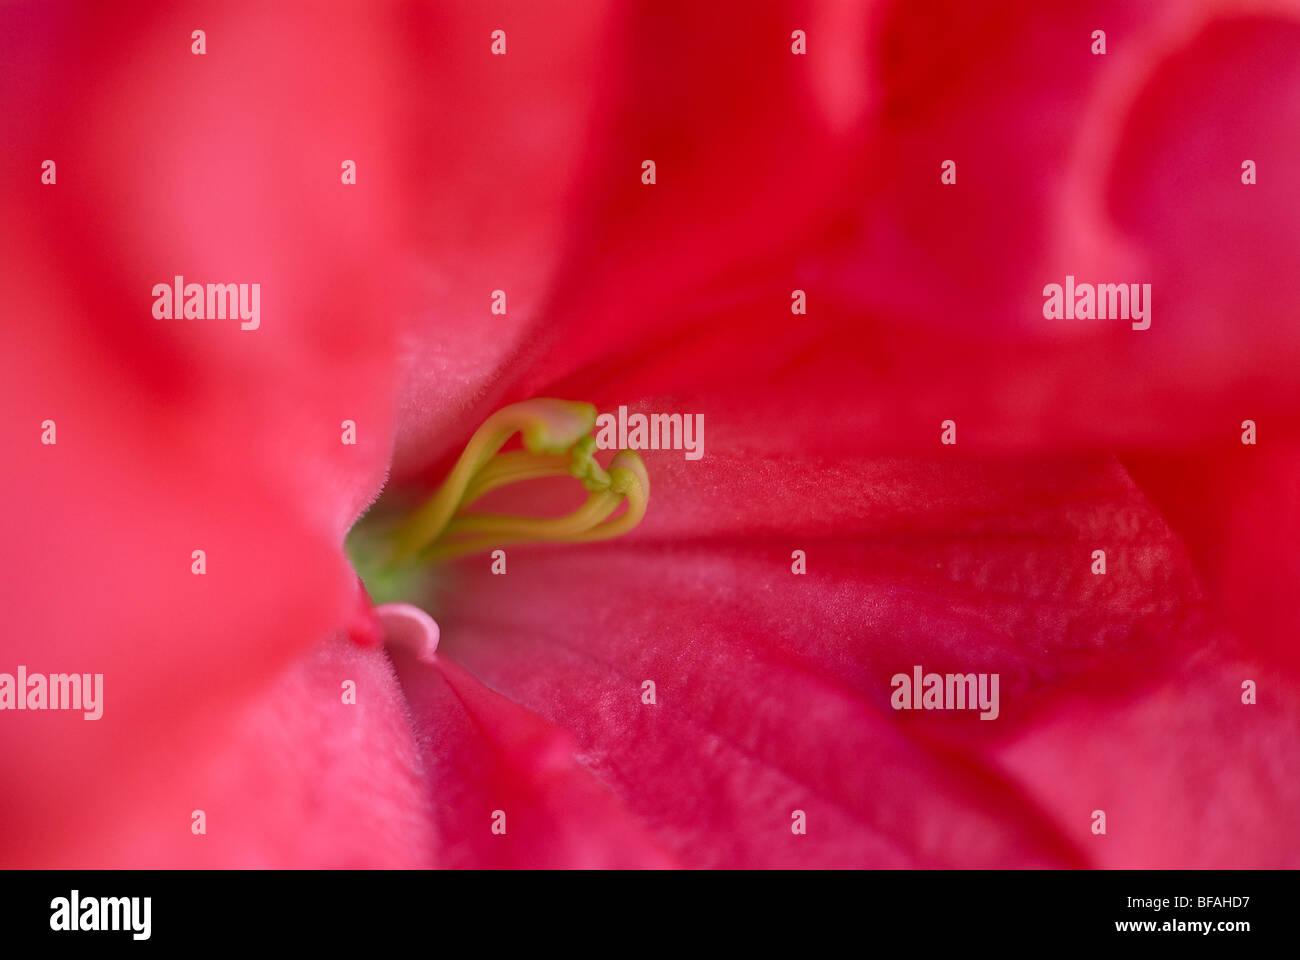 Azalea, azalea colore rosa, magenta stame, close-up ravvicinato, luminoso fiore rosa Immagini Stock